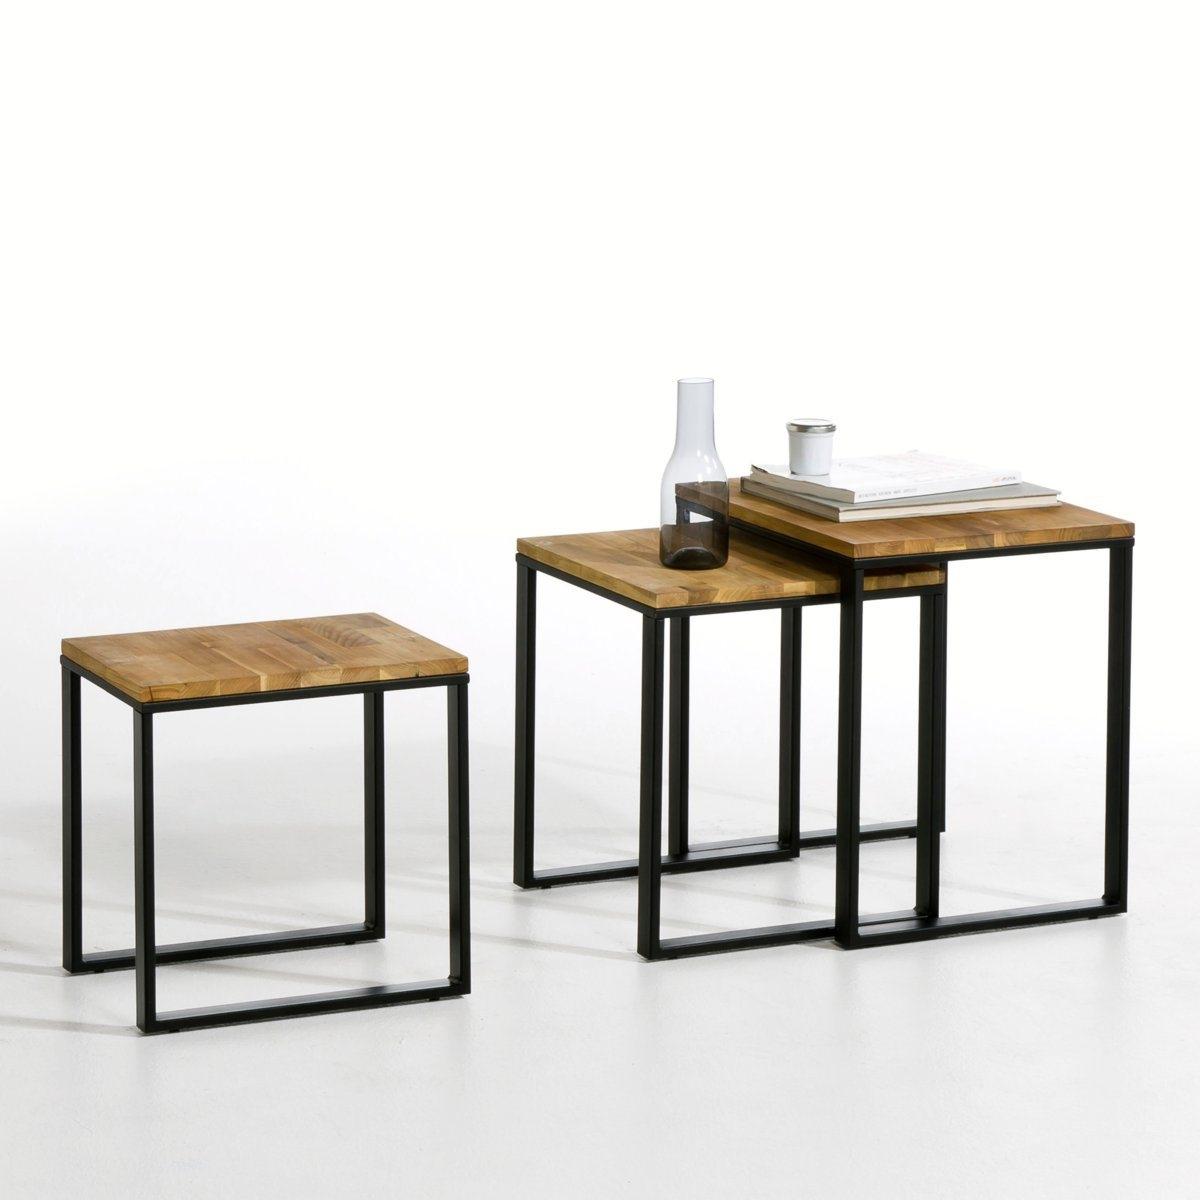 Столик журнальный выдвигающийся один из другого (комплект из 3 столиков), Hiba